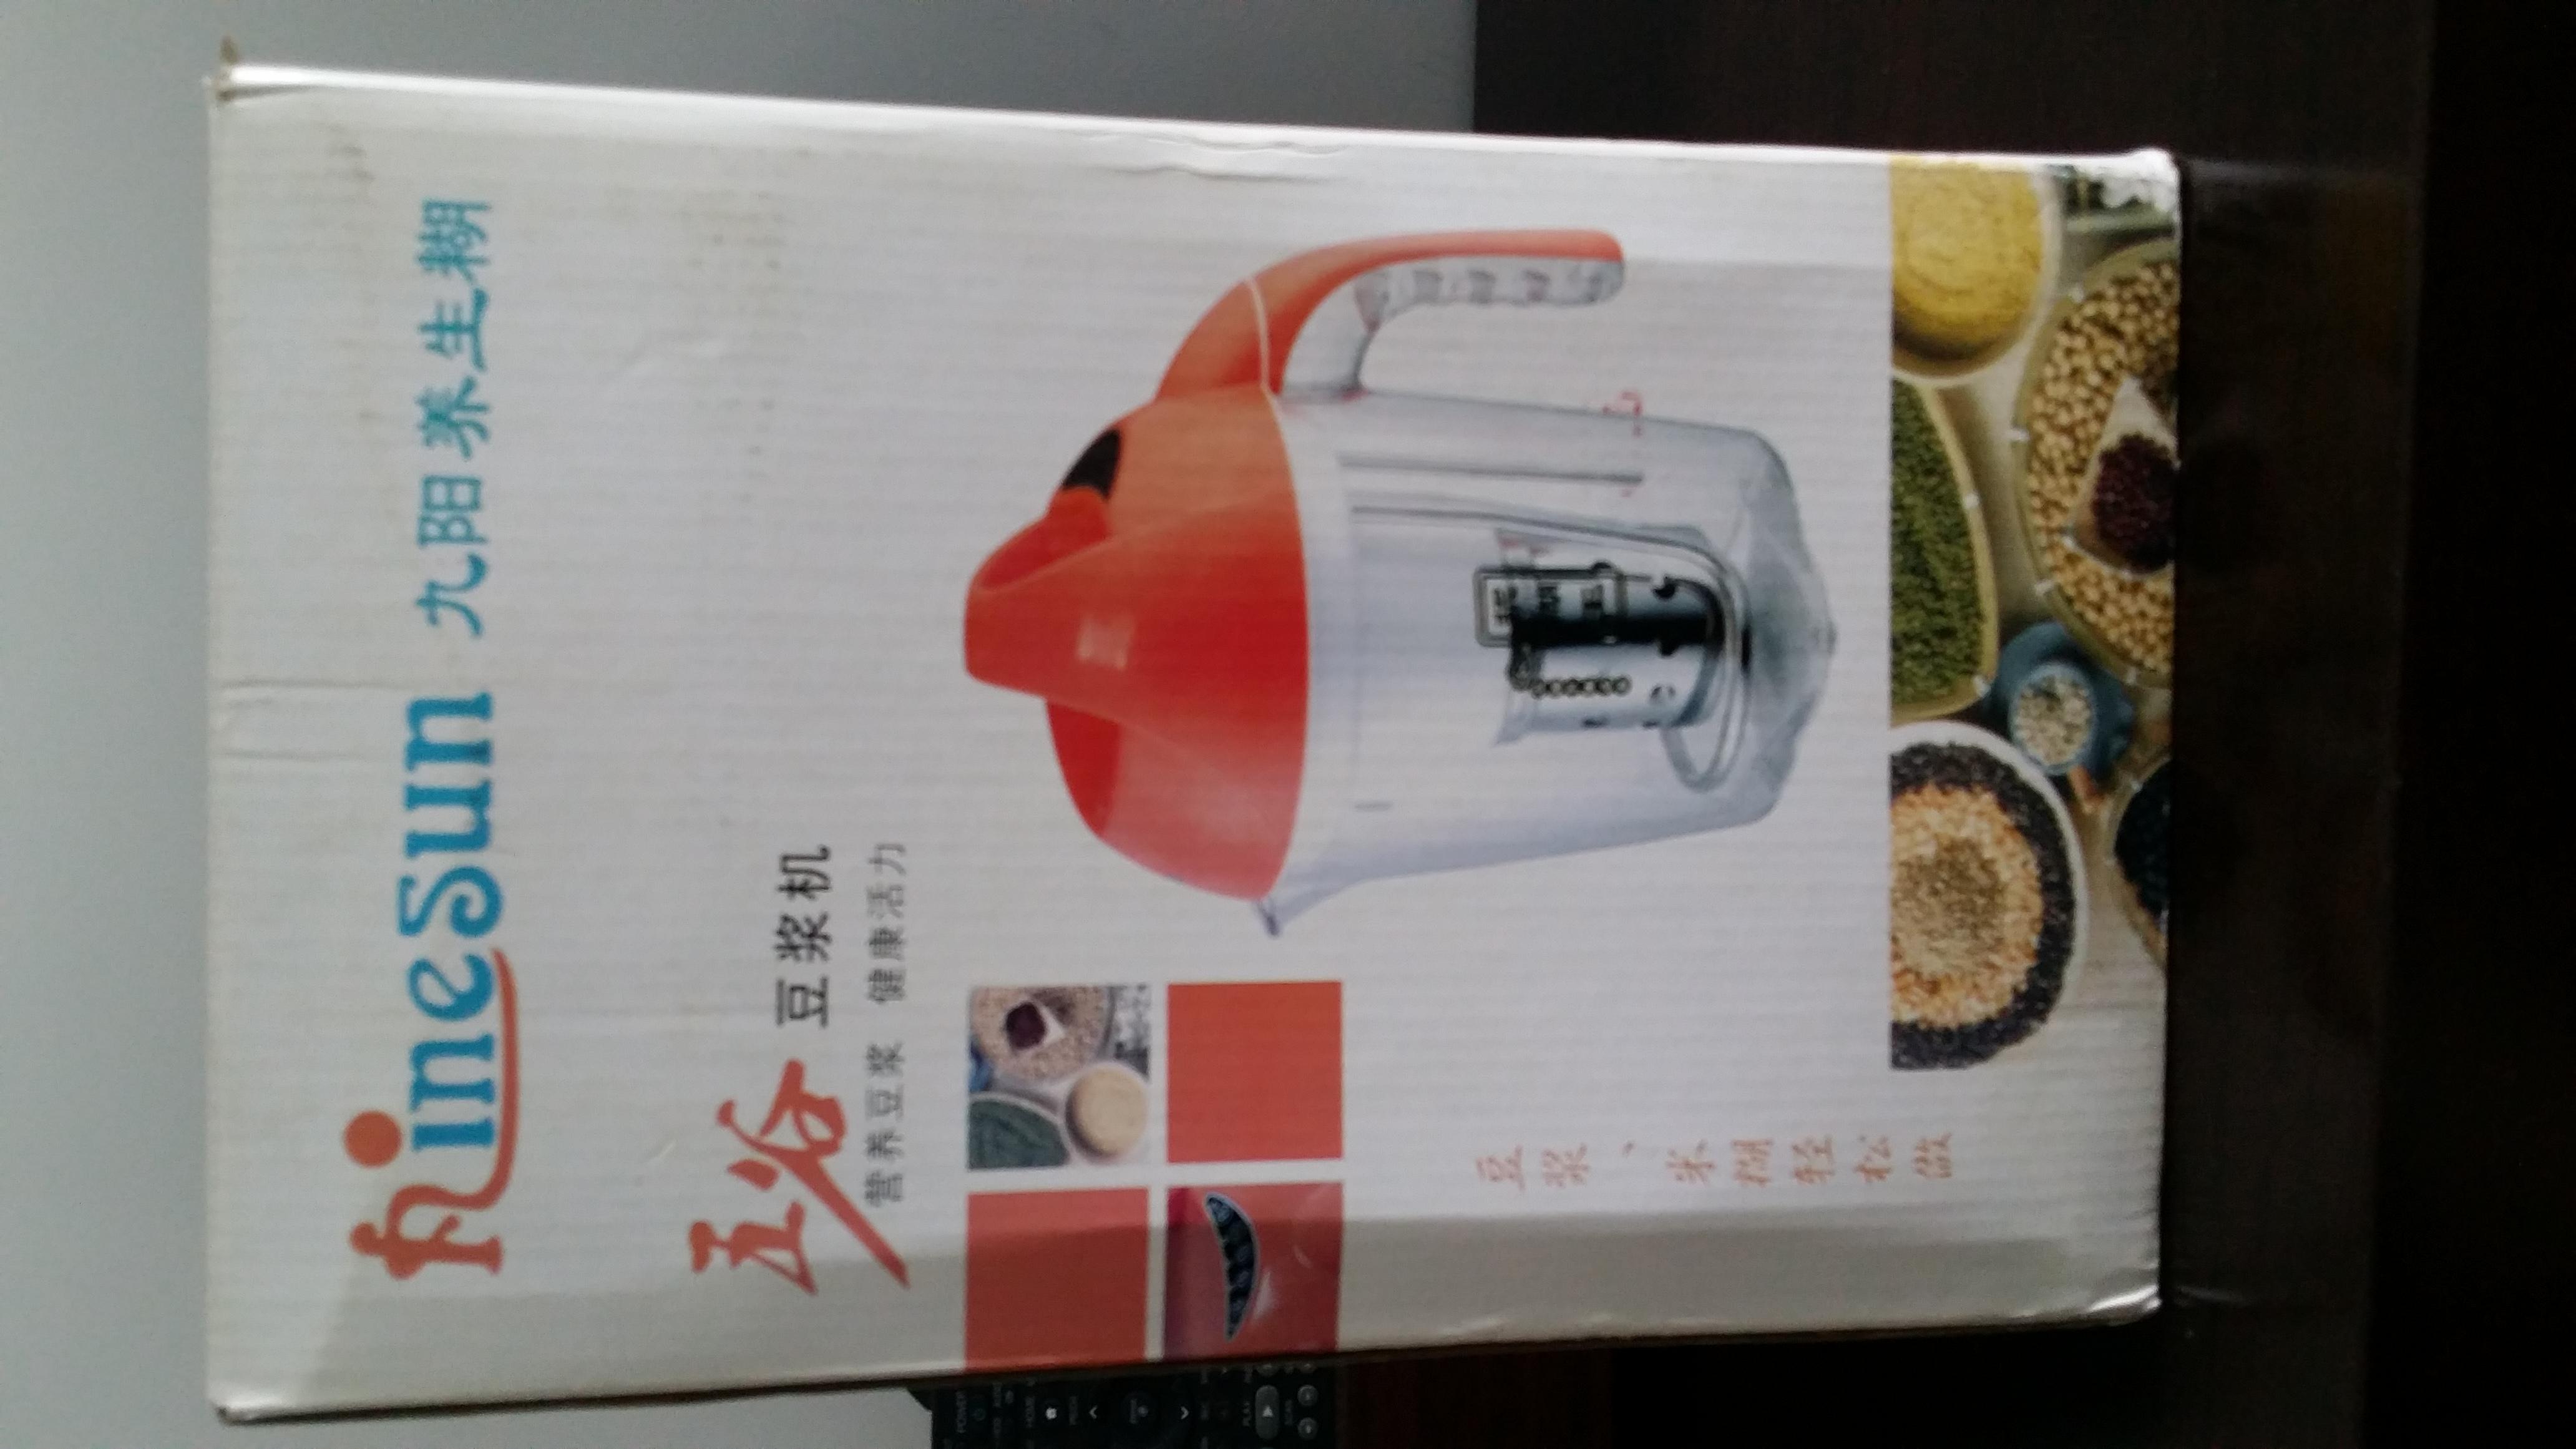 转让一台全新豆浆机 (附多图)